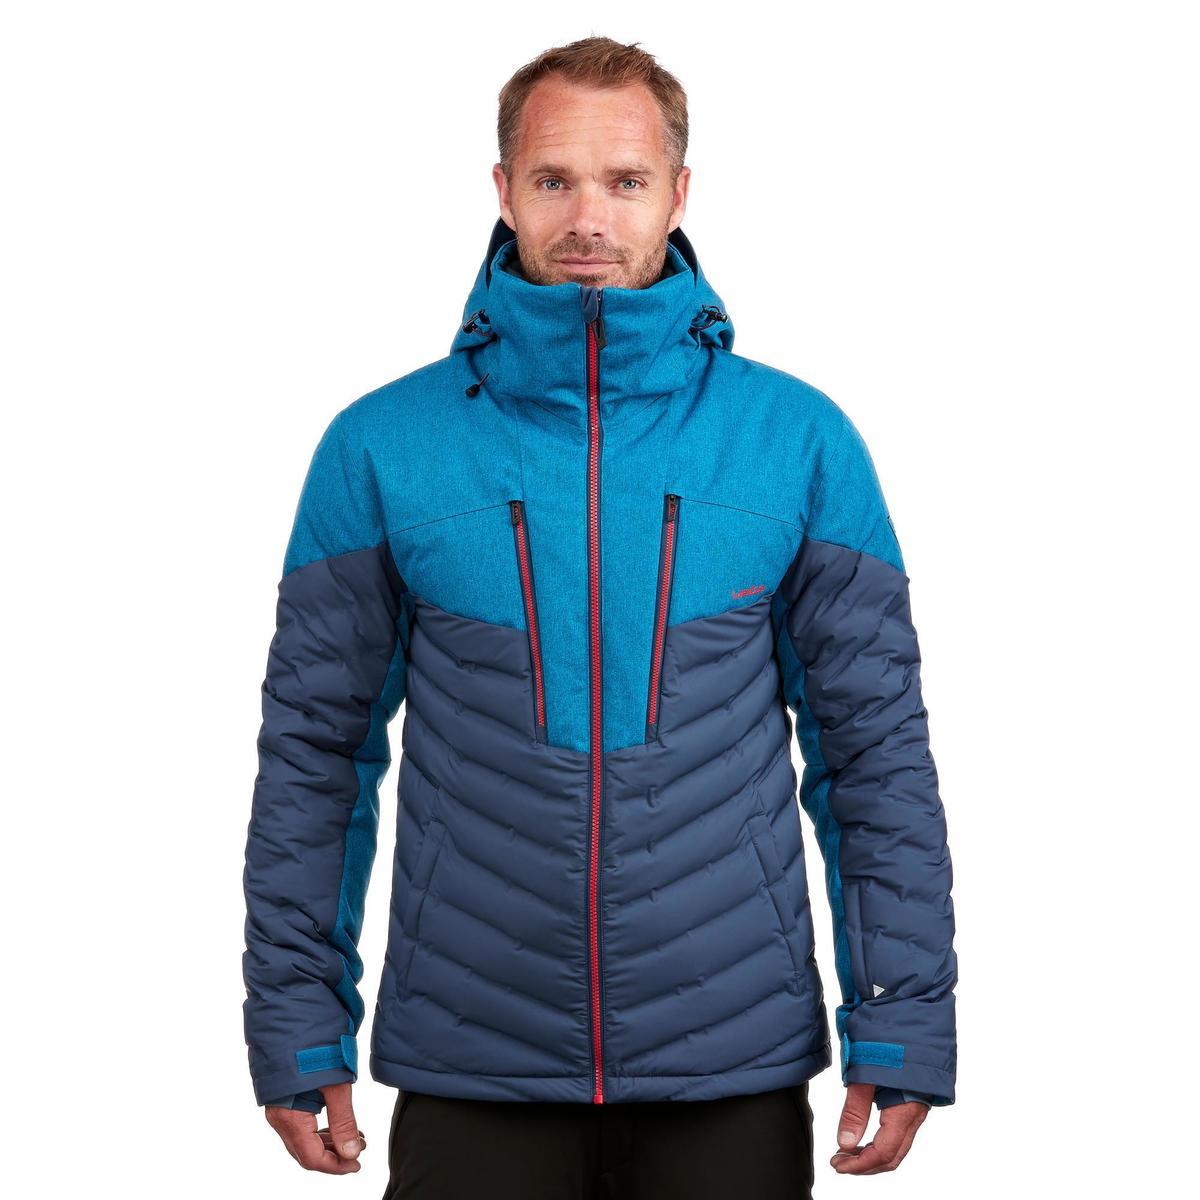 Bild 3 von Skijacke Piste 900 Warm Herren marineblau